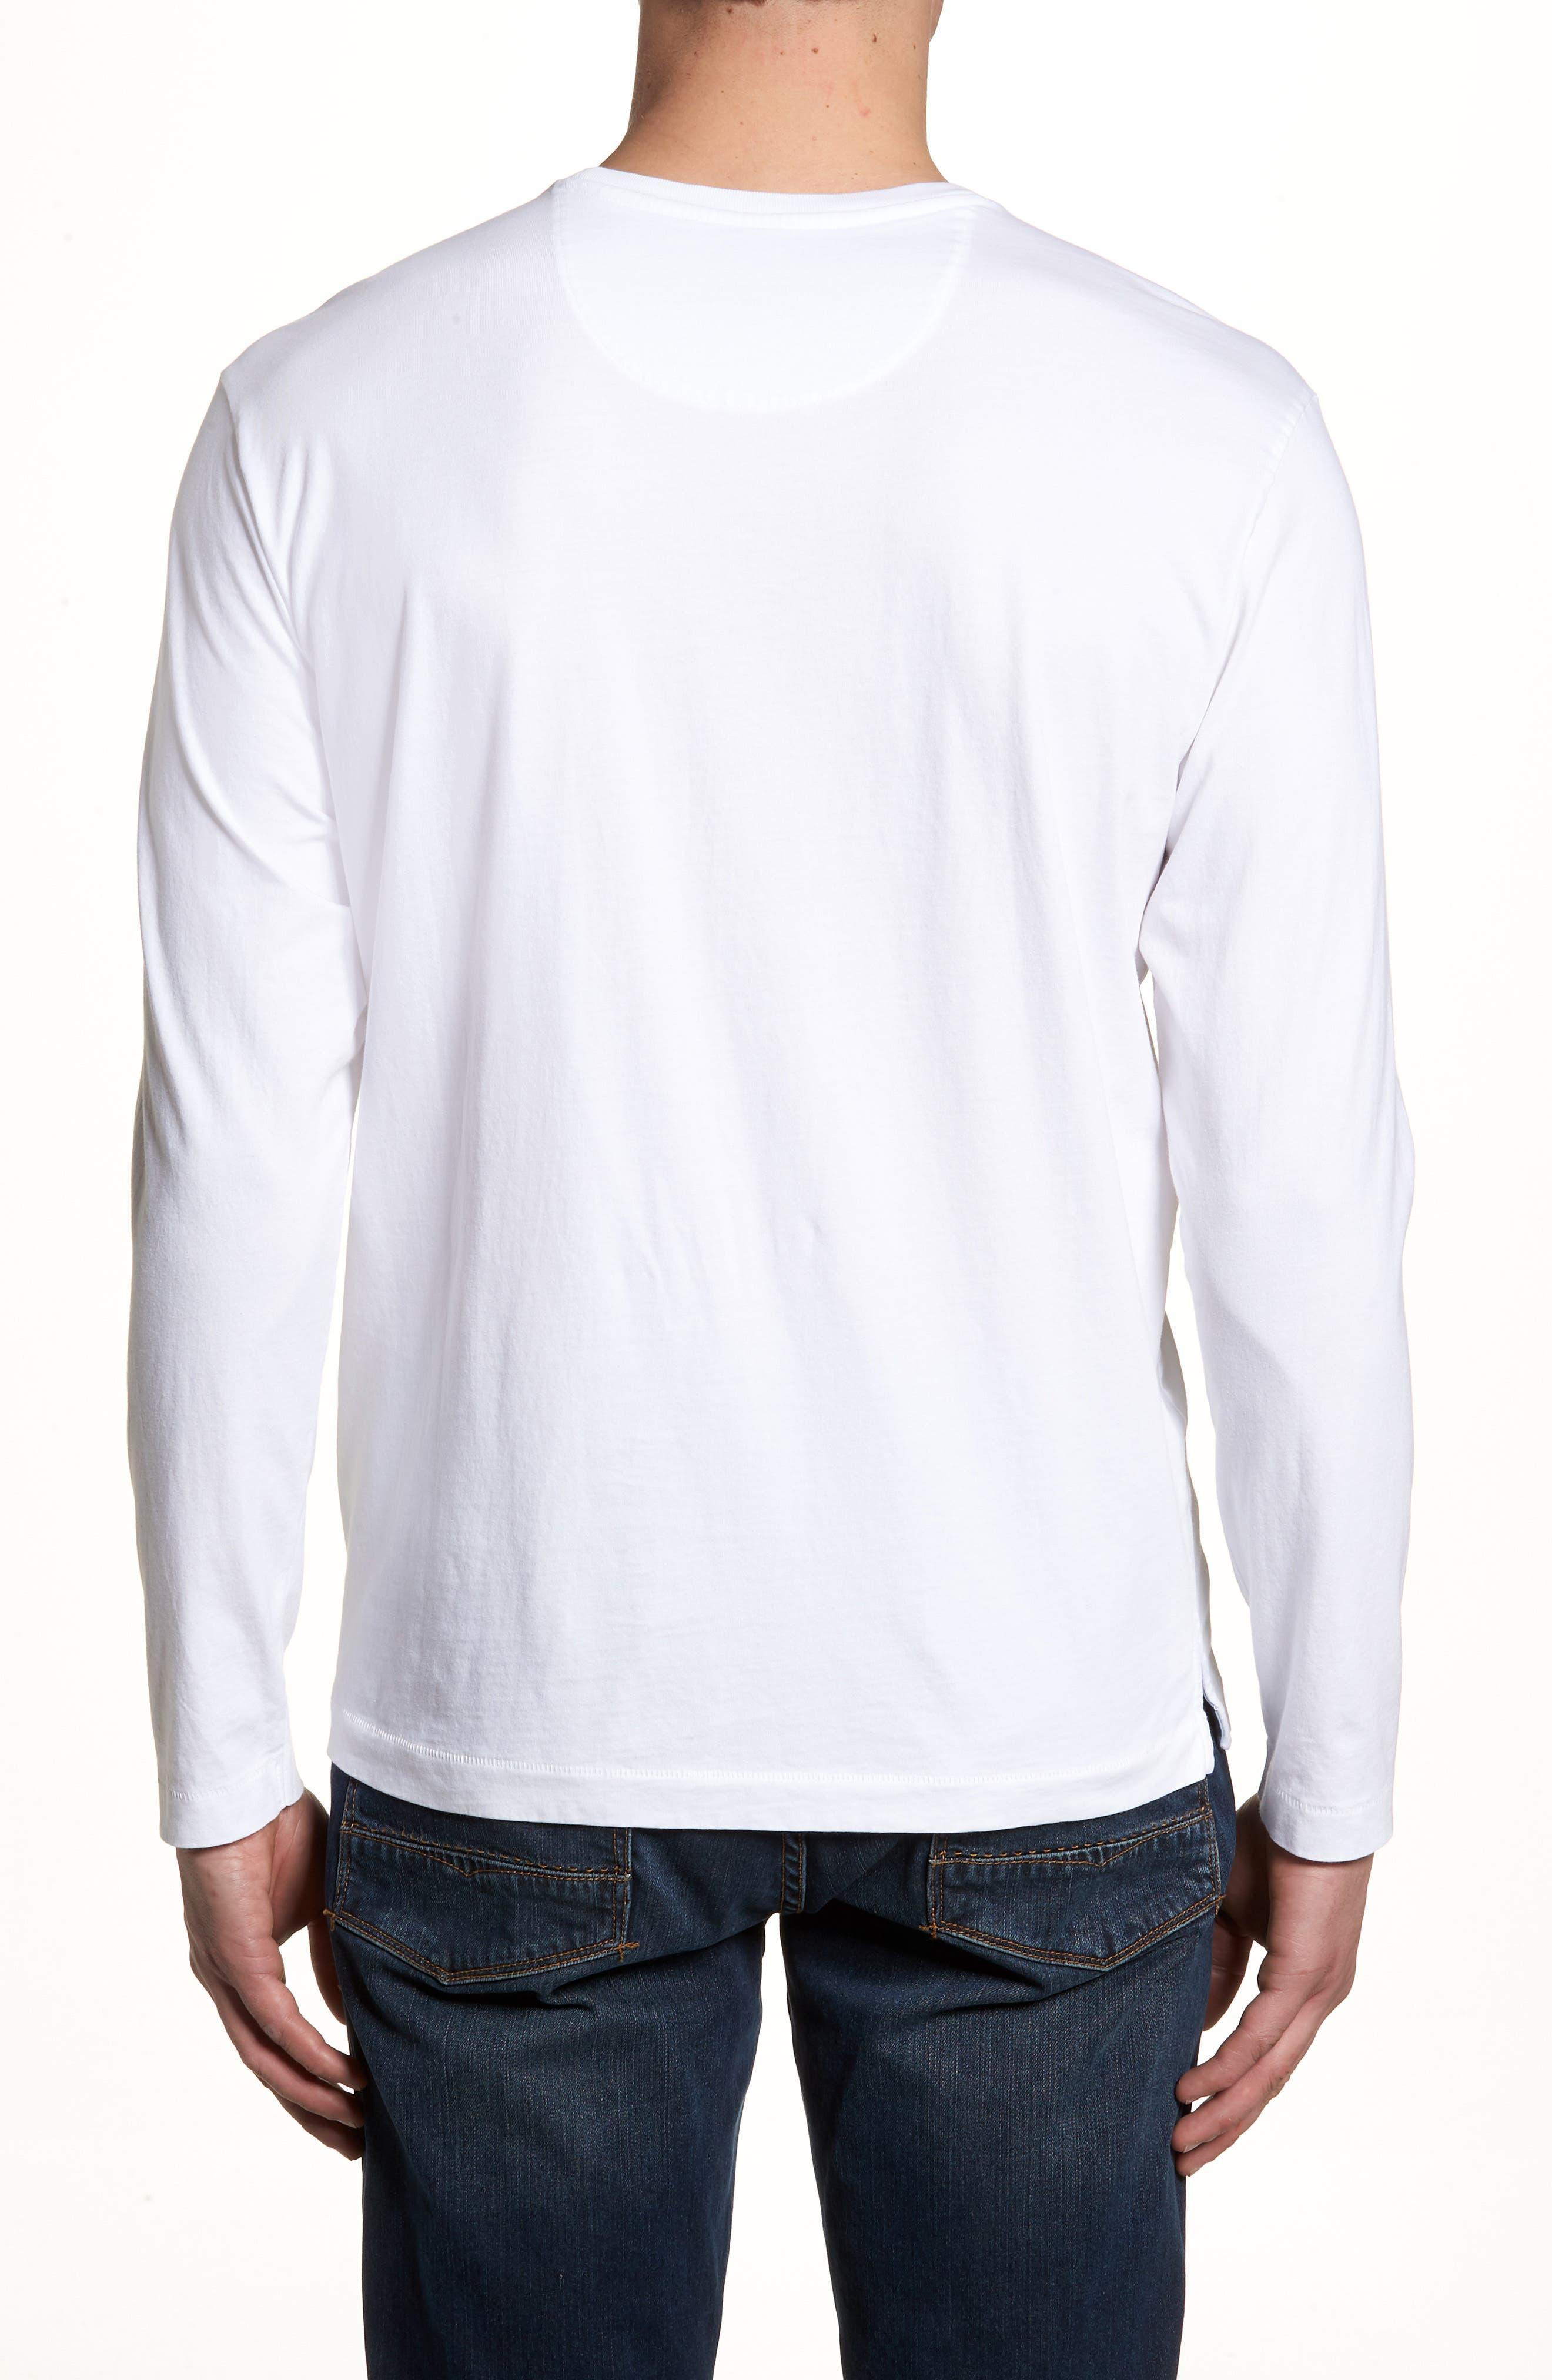 New Bali Skyline T-Shirt,                             Alternate thumbnail 2, color,                             White